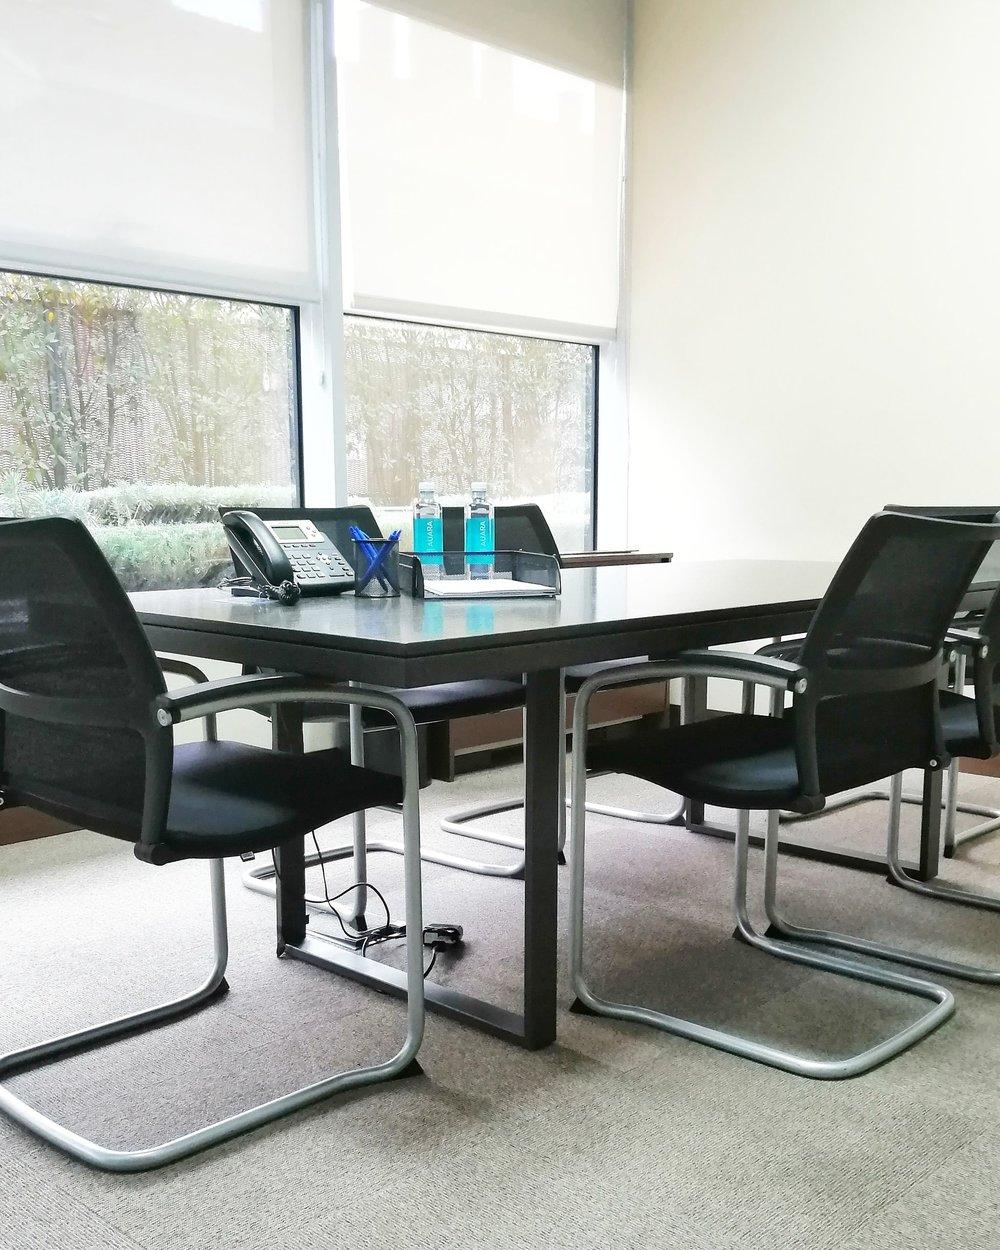 SALAS DEREUNIONES - —Ofrece la mejor imagen ante tus clientes utilizando nuestras salas totalmente equipadas para diferentes capacidades.DESDE 25€/HORA